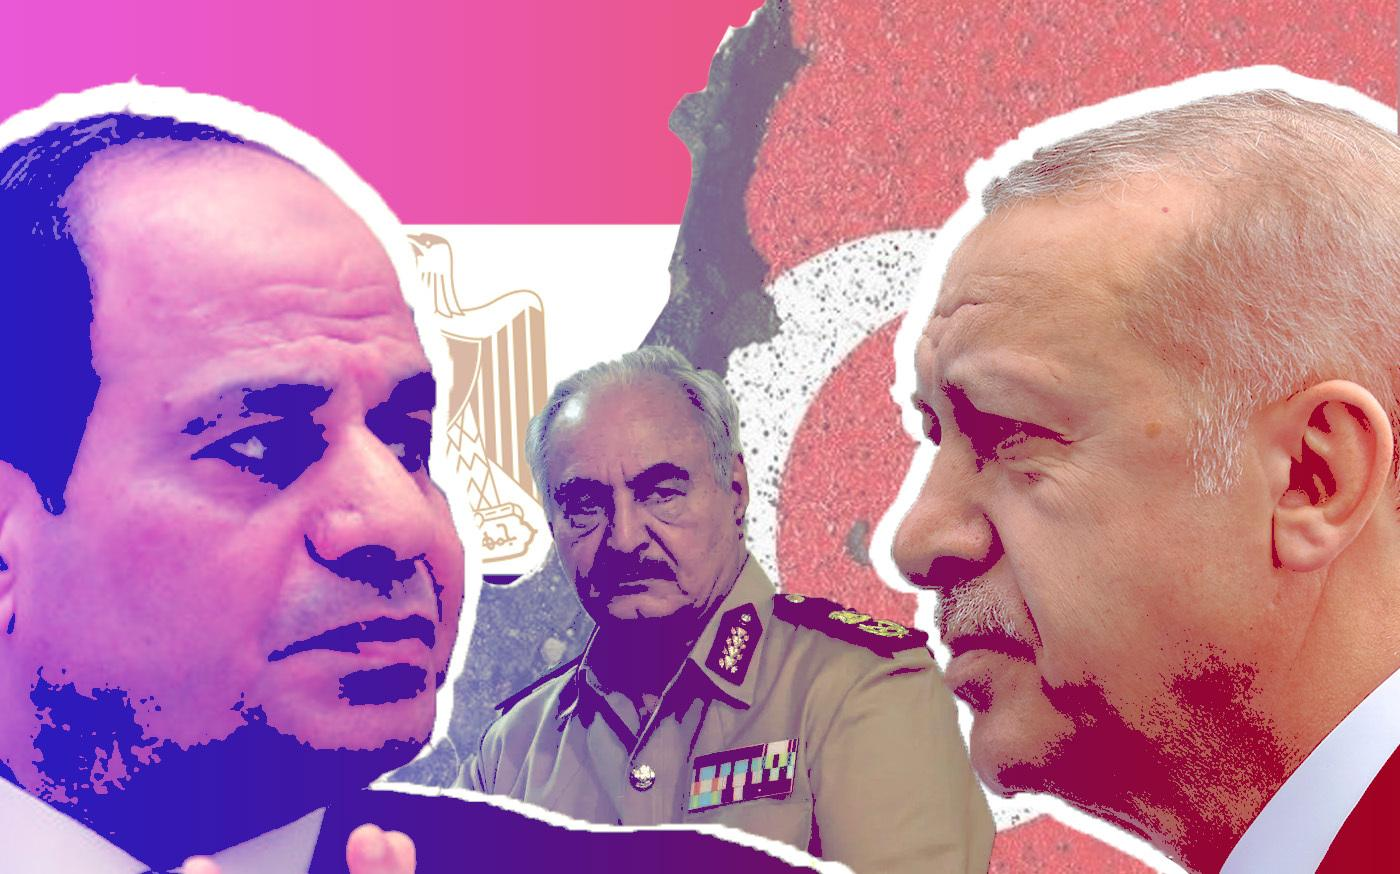 Ανάλυση: Ποια πολιτική προσπαθεί τελικά να διαμορφώσει η Τουρκία μέσω της Αιγύπτου;